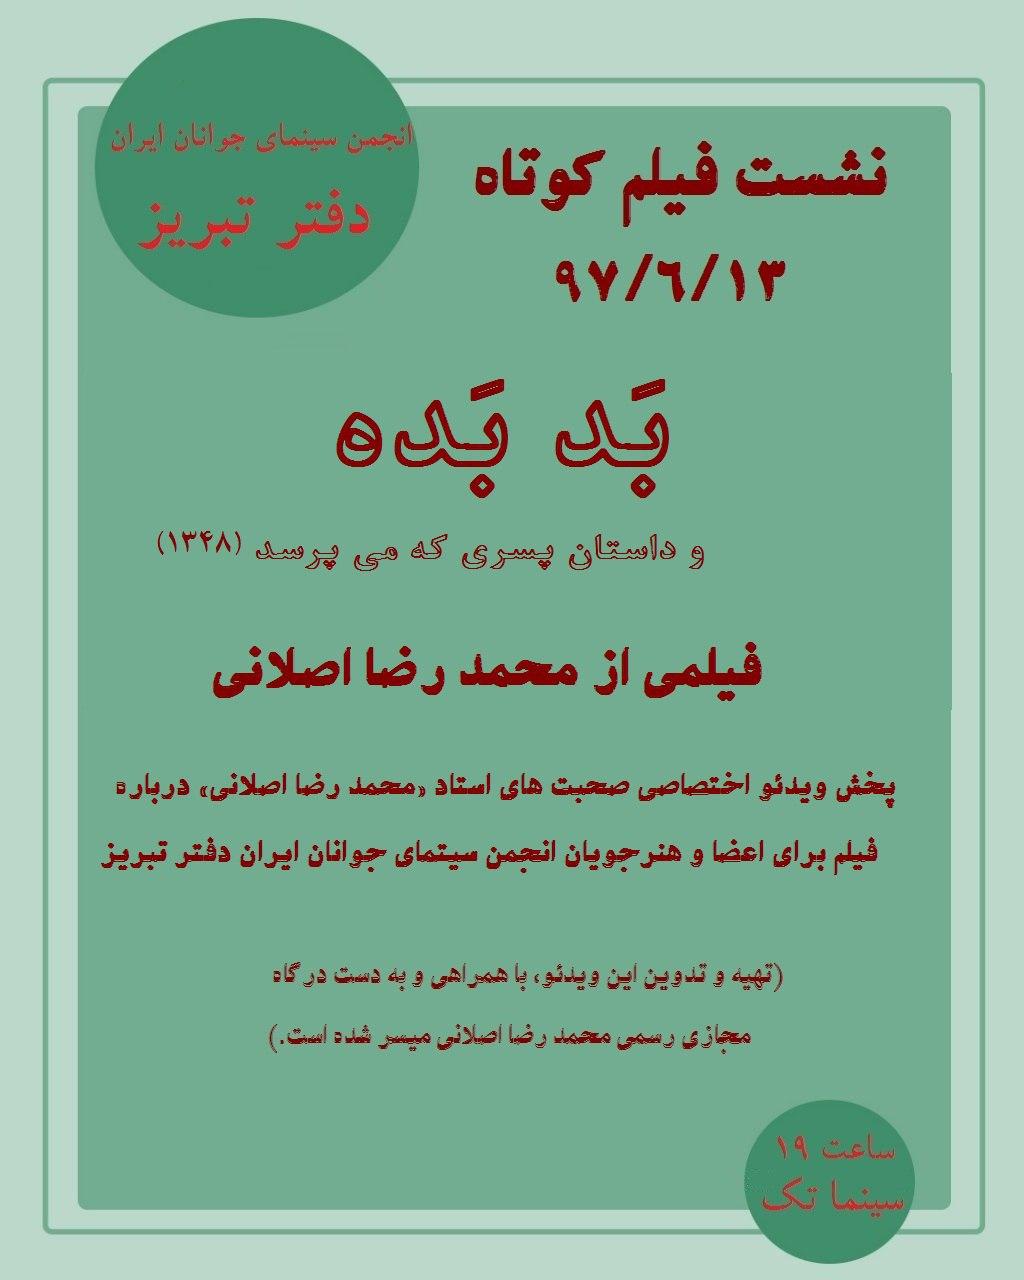 نشست فیلم کوتاه تبریز برگزار شد